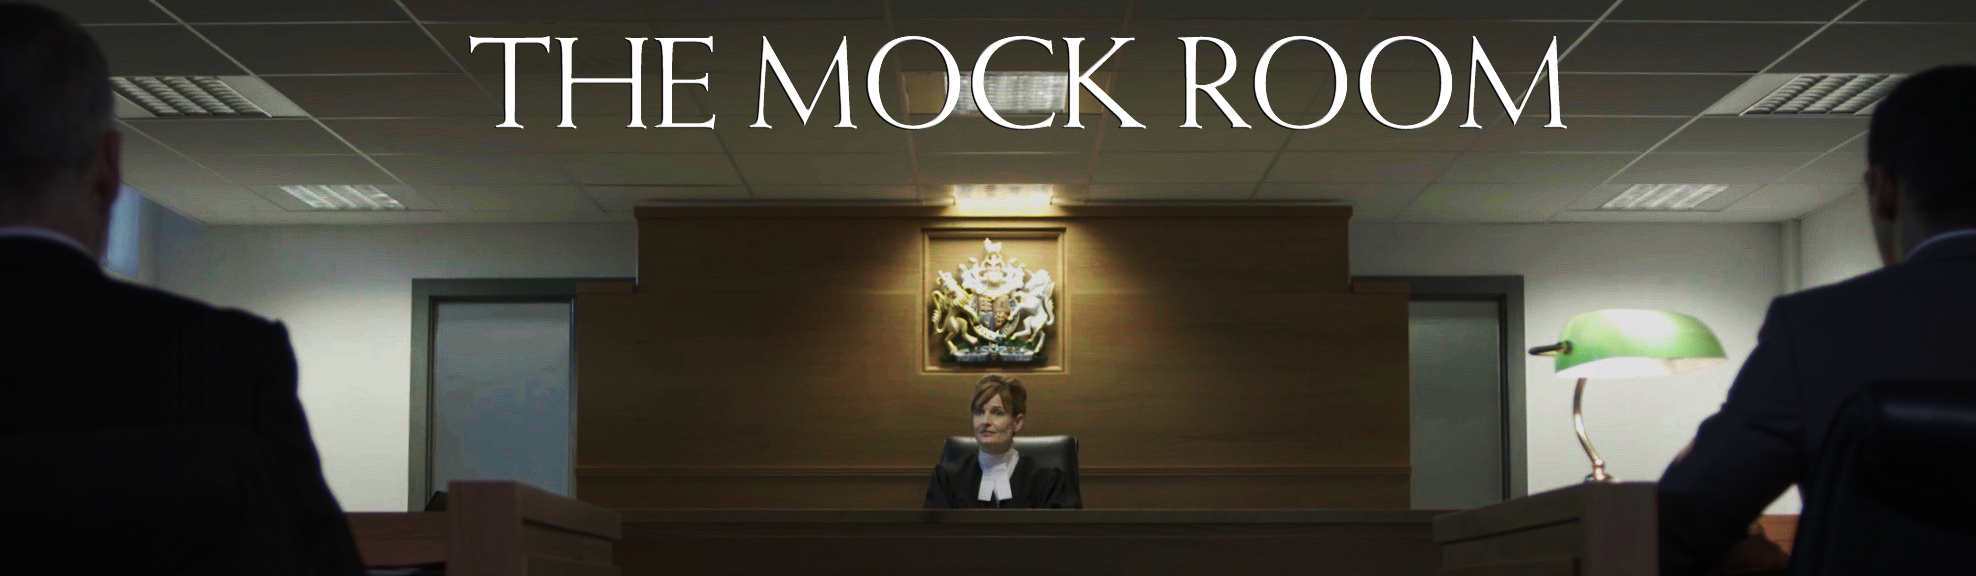 The Mockroom